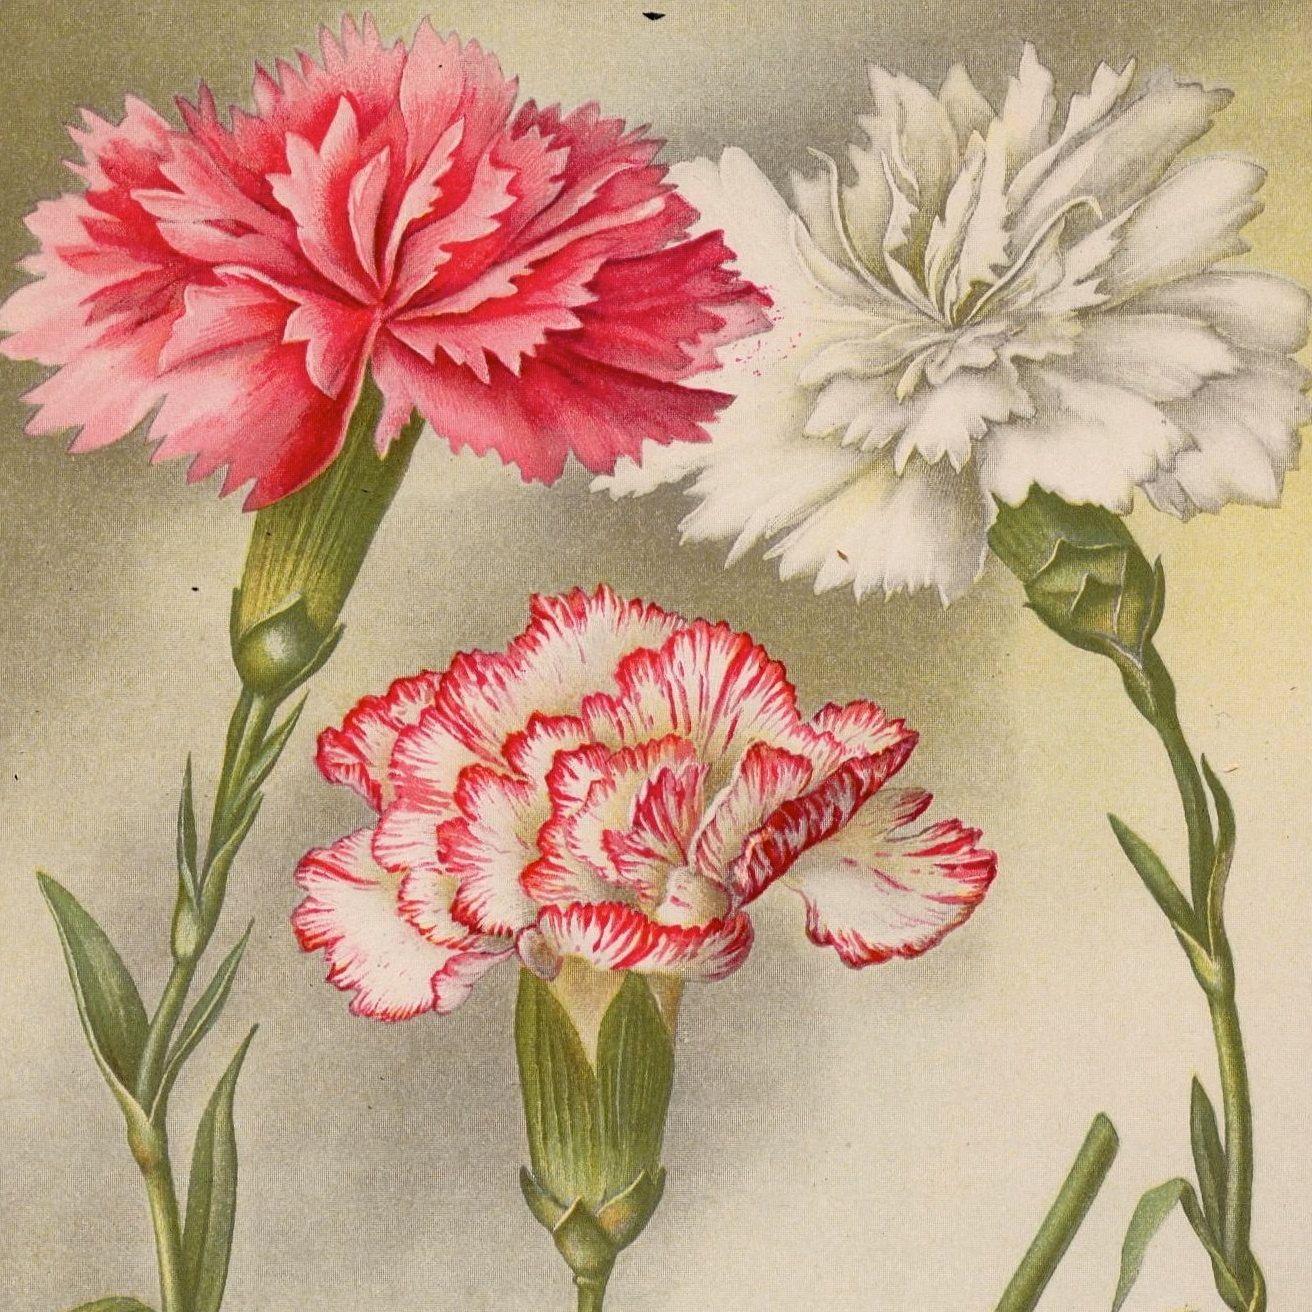 популярность цветные картинки цветов гвоздика оптовые розничные цены